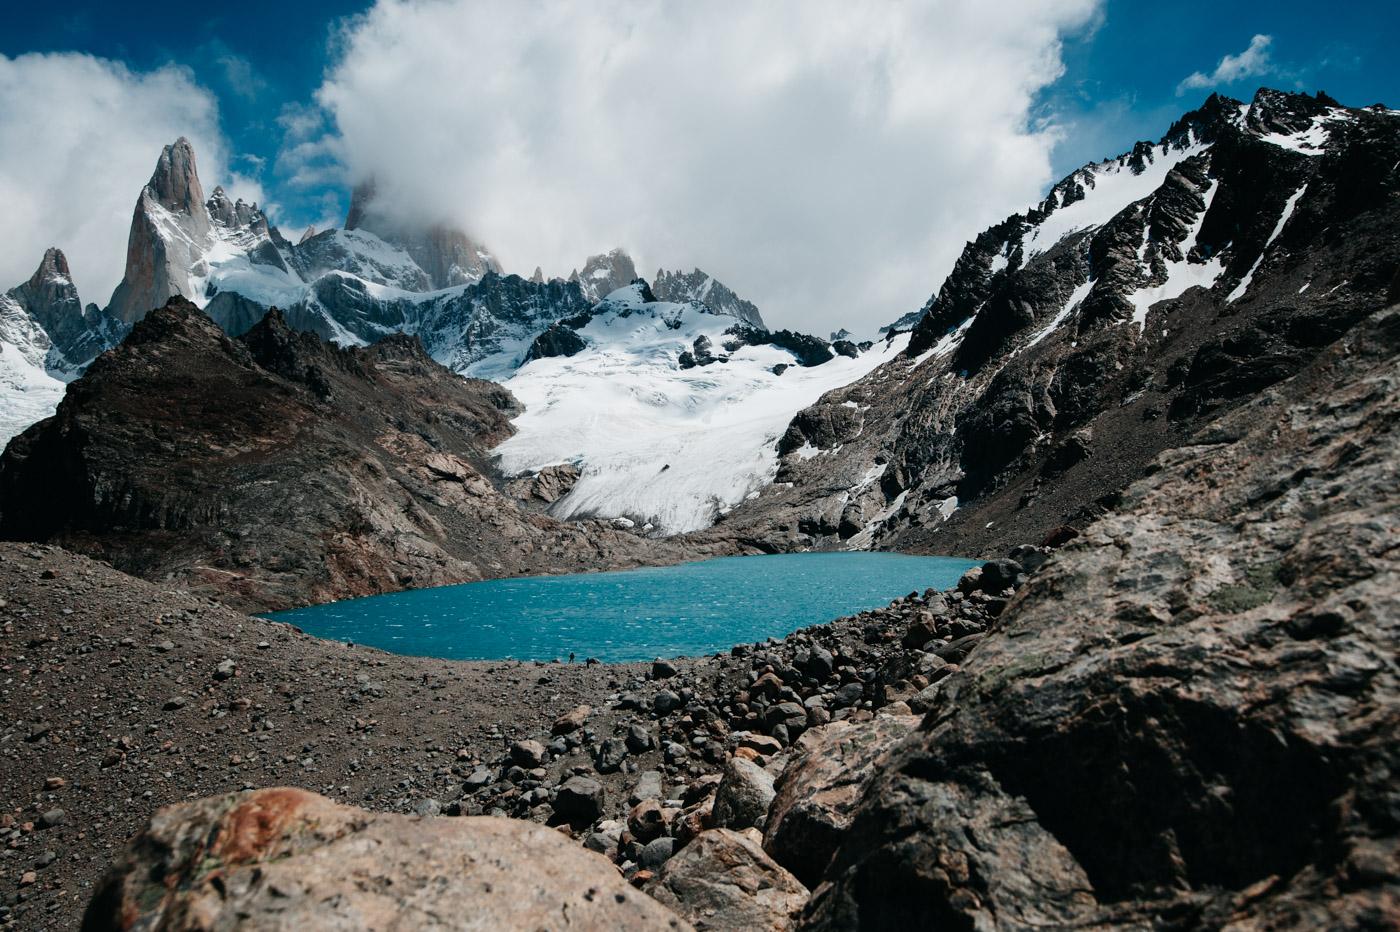 Argentina Patagonia ElChalten FitzRoy LagunaDeLosTres-008